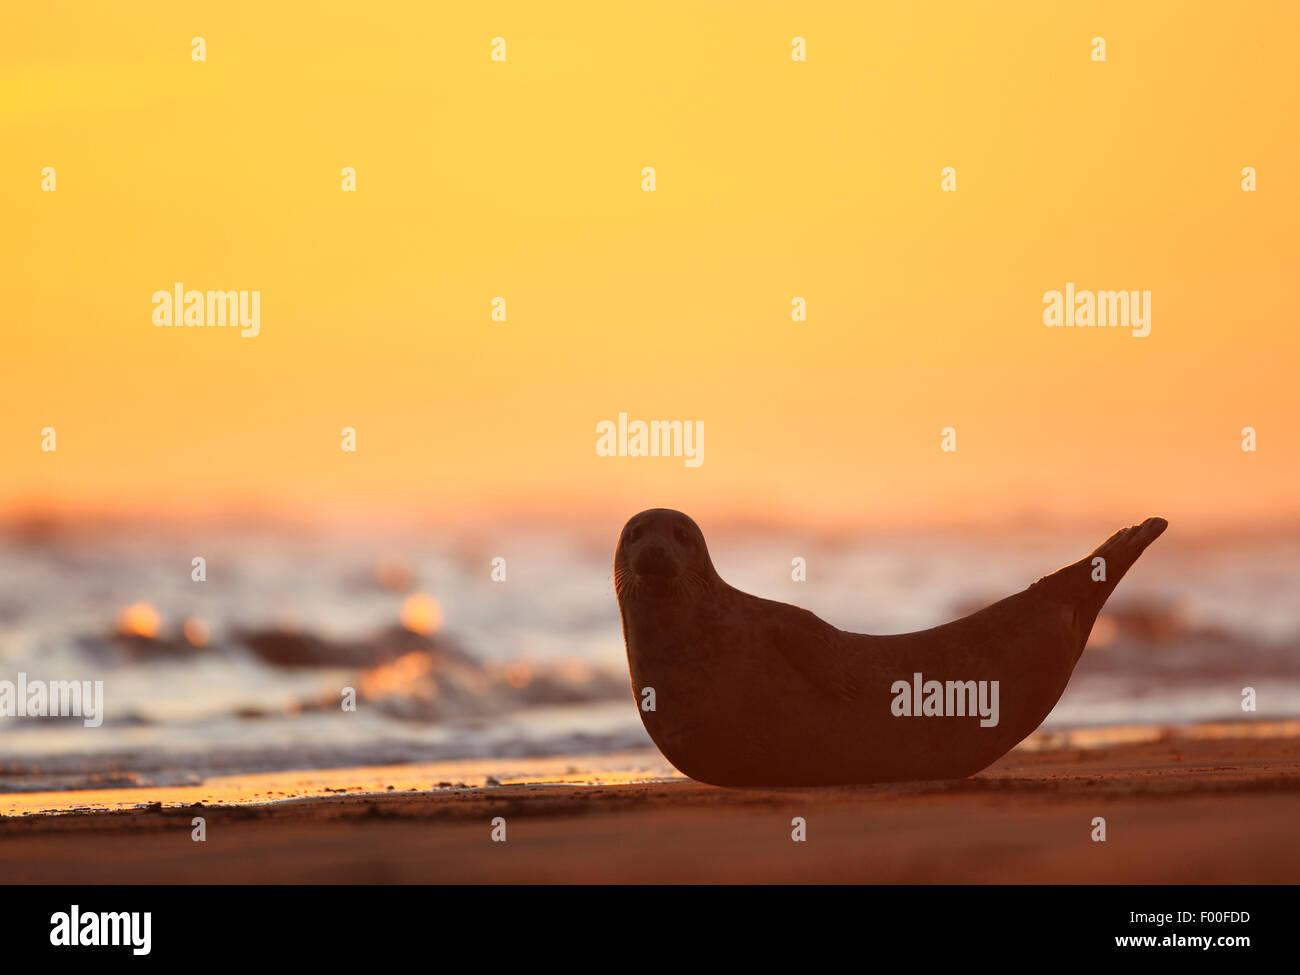 graue Dichtung (Halichoerus Grypus), neugierig Dichtung bei Sonnenaufgang am Strand, Silhouette, Vereinigtes Königreich Stockbild